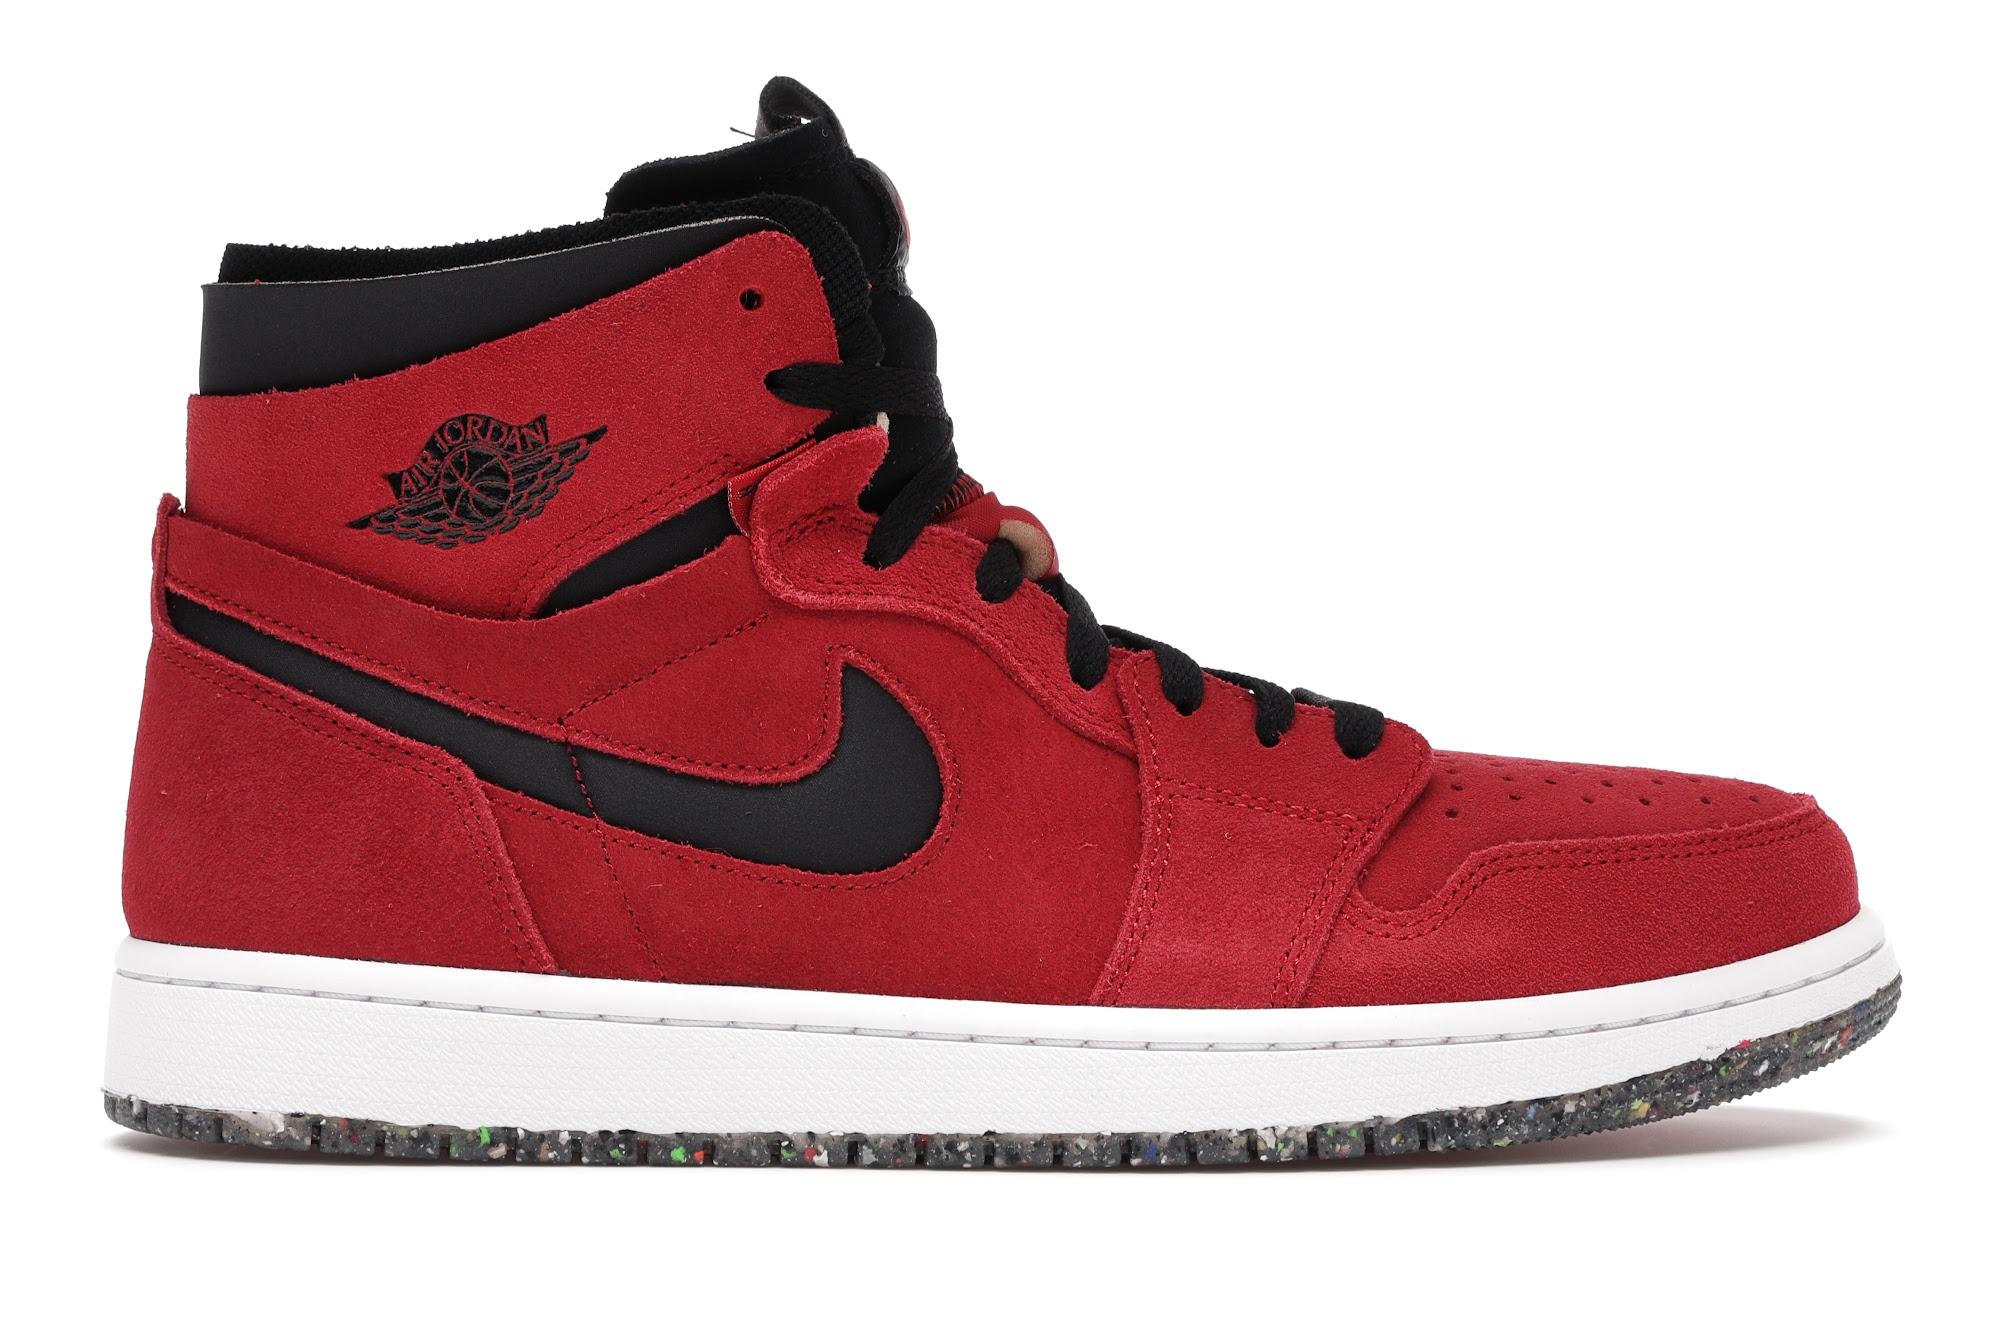 Jordan 1 High Zoom Air CMFT Red Suede - CT0978-600